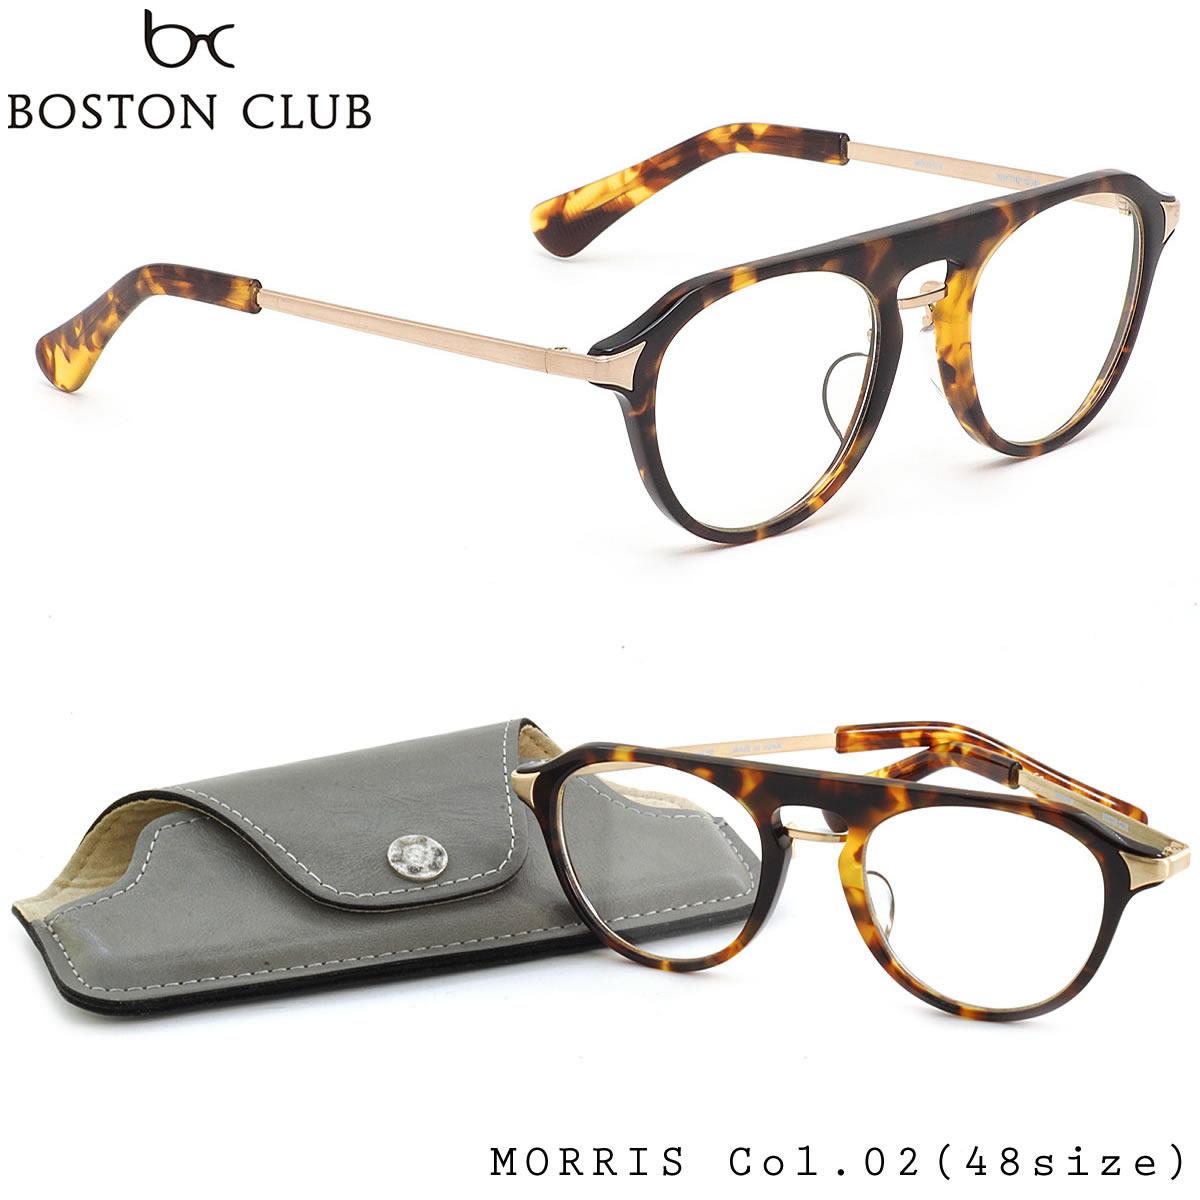 ポイント最大33倍 【ボストンクラブ】 (BOSTON CLUB) メガネ 伊達メガネセットMORRIS VI 02 48サイズ日本製 BOSTONCLUB メンズ レディース